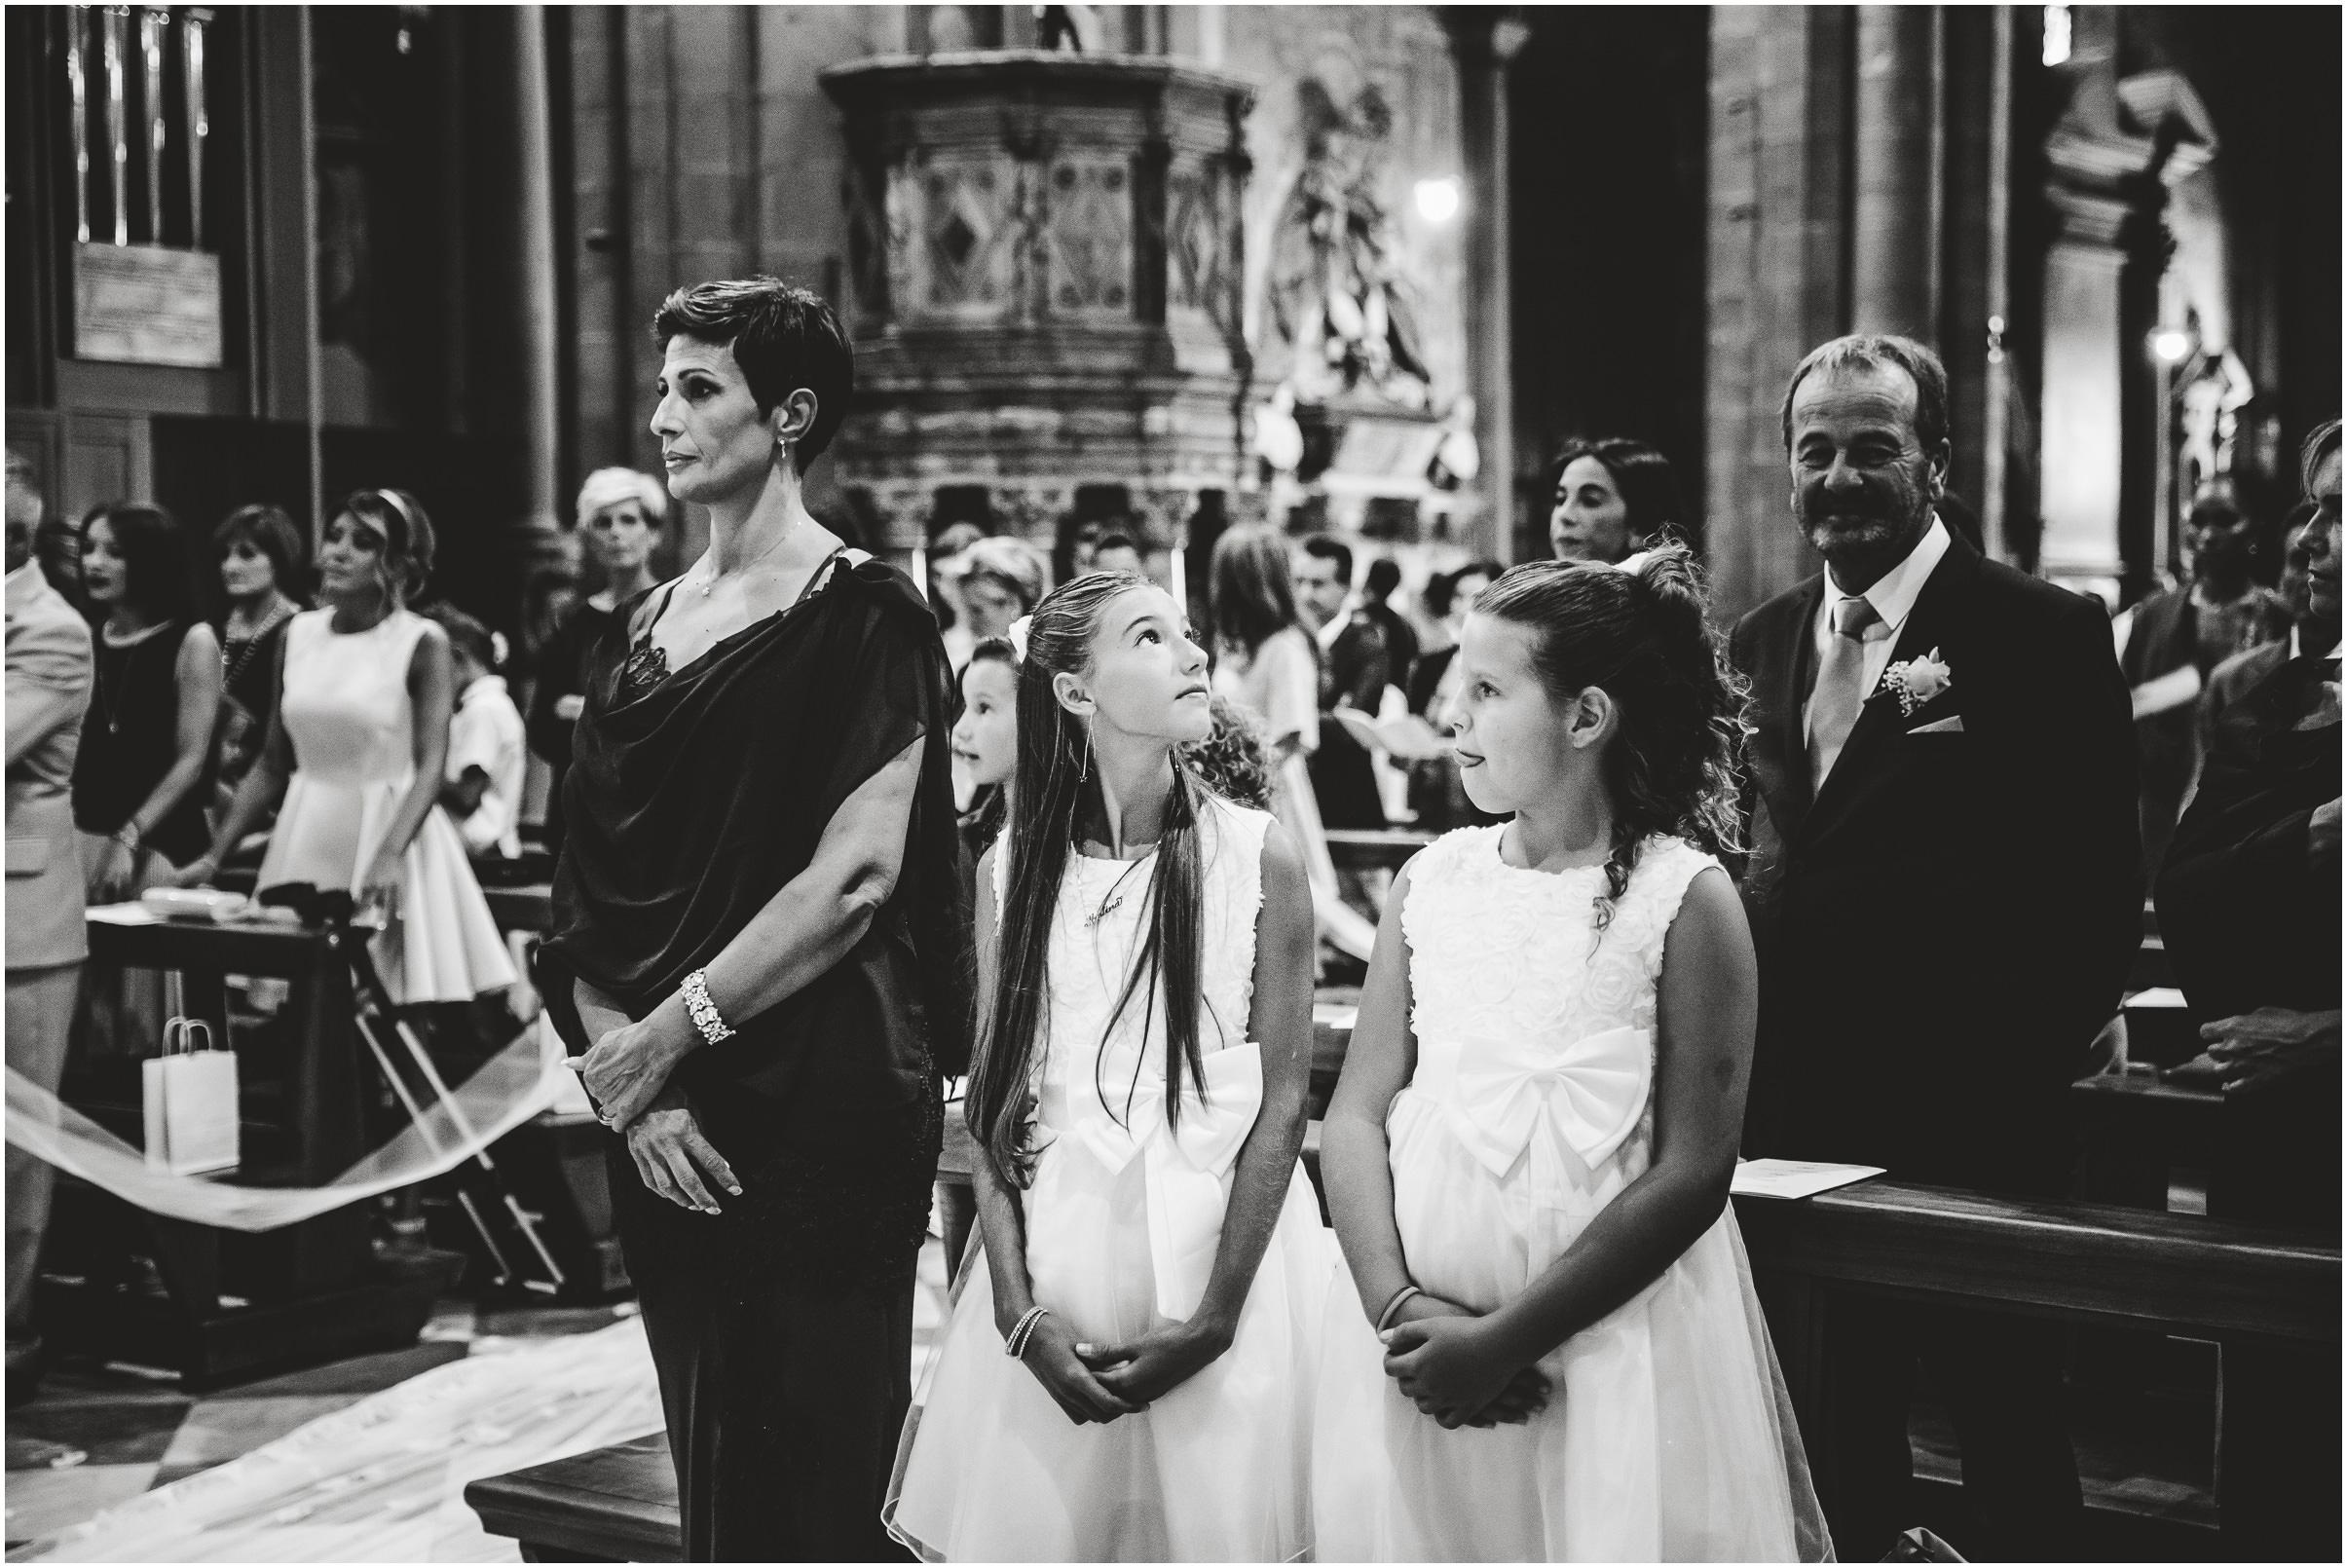 WEDDING-PHOTOGRAPHY-SARA-LORENZONI-FOTOGRAFIA-MATRIMONIO-AREZZO-TUSCANY-EVENTO-LE-SPOSE-DI-GIANNI-ELISA-LUCA018